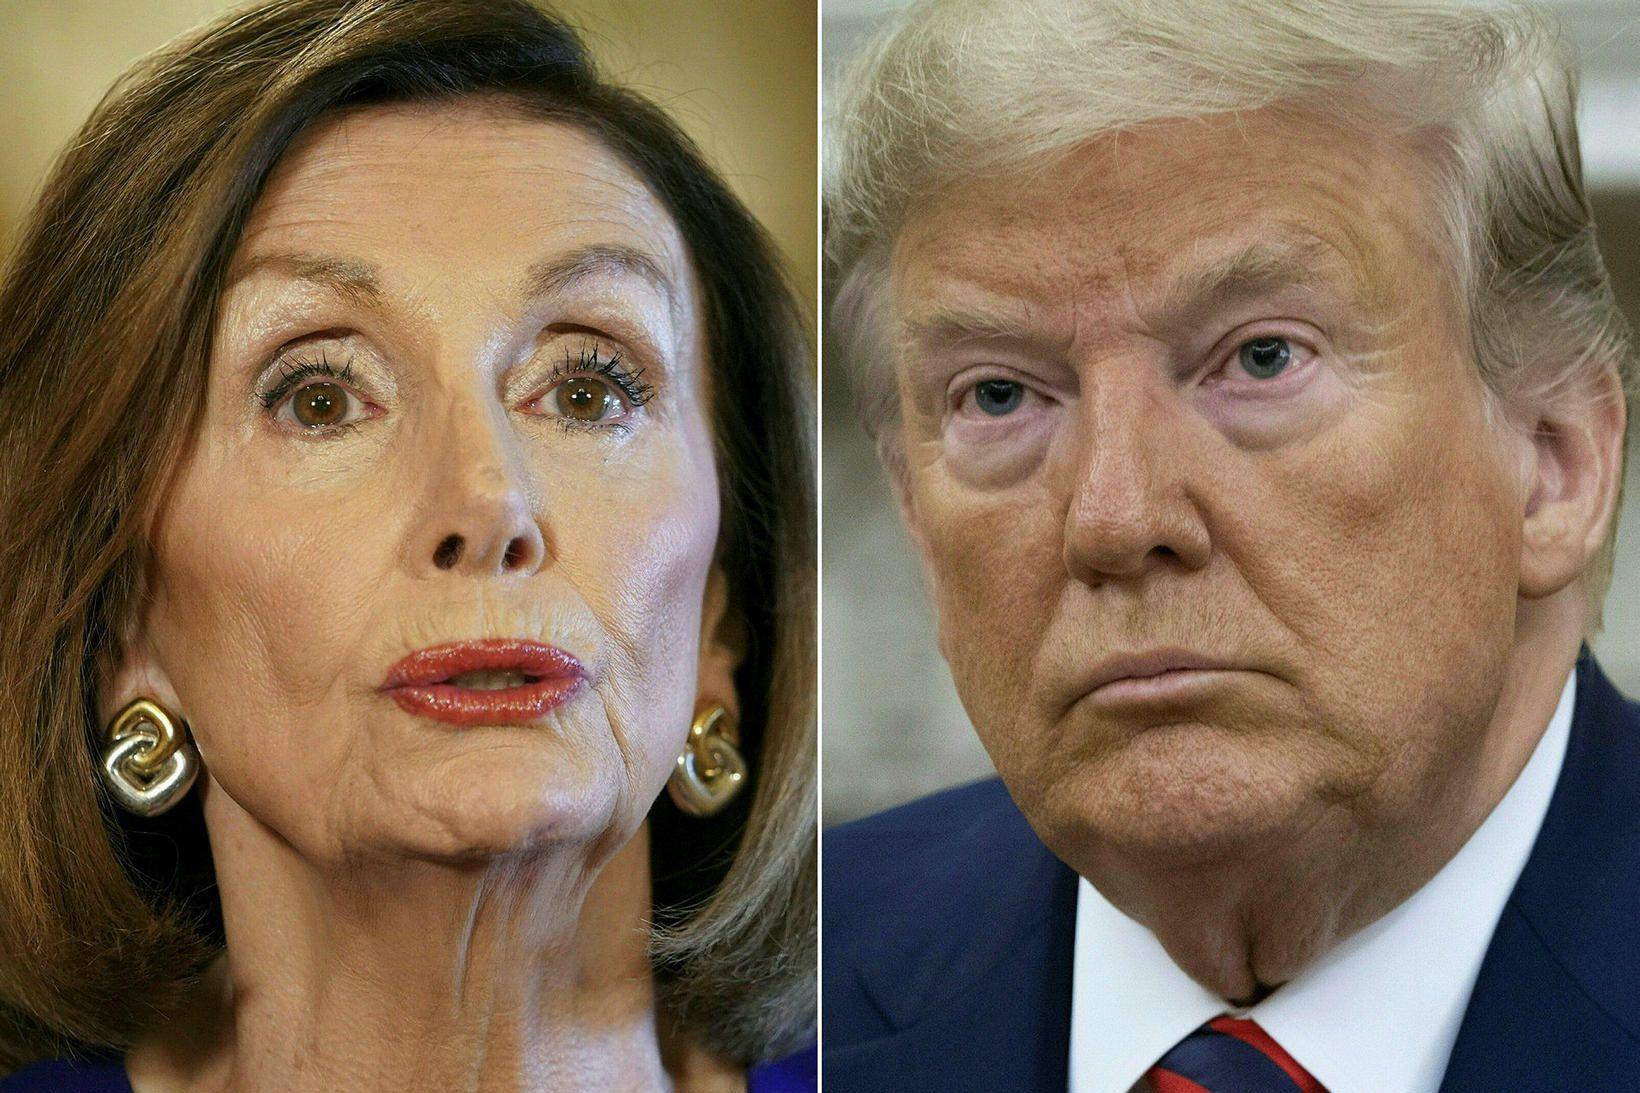 Samsett mynd af Nancy Pelosi, forseta fulltrúadeildar Bandaríkjaþings, og Donald …